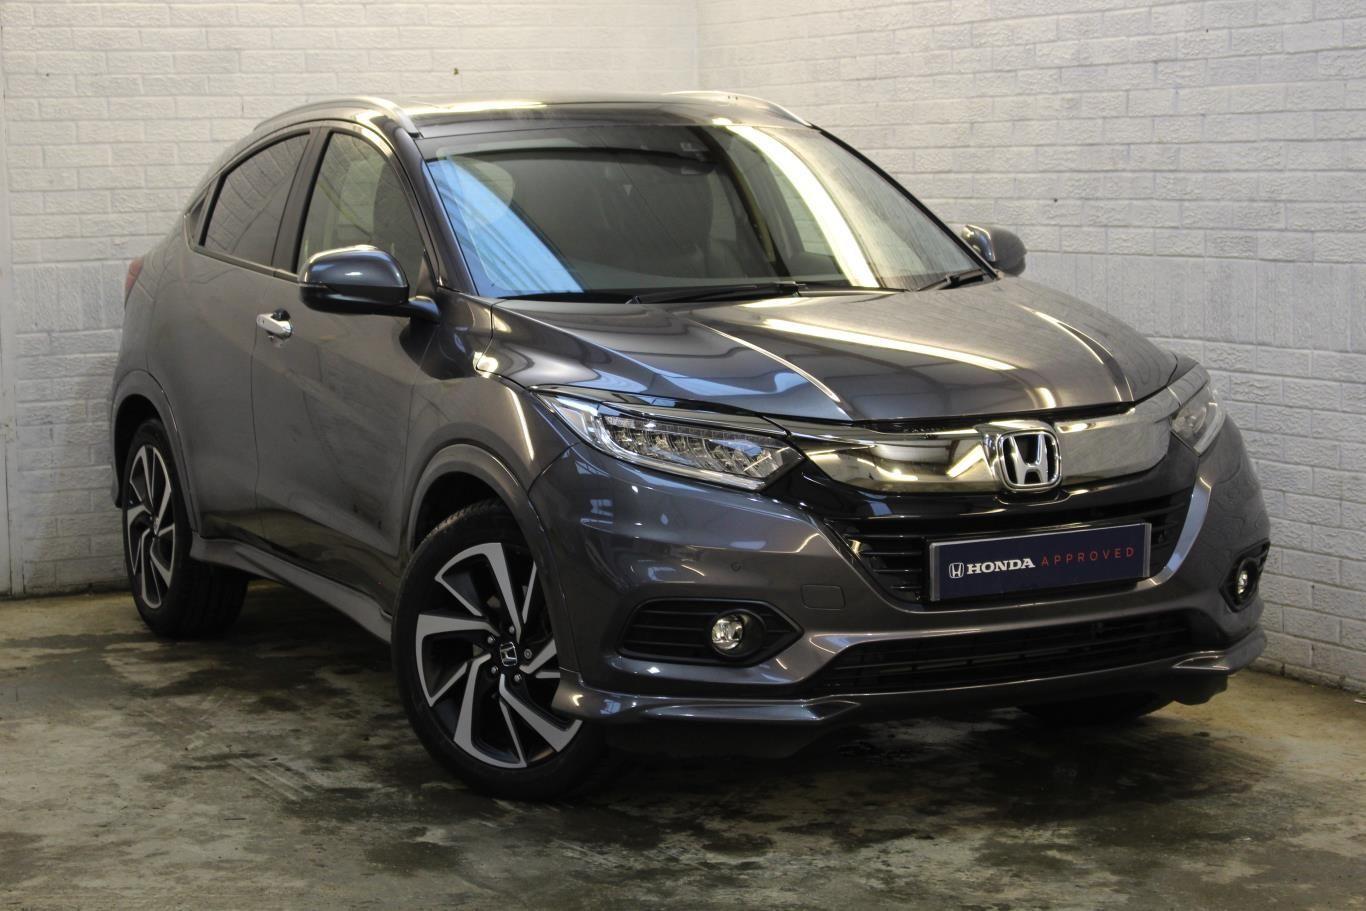 Honda HR-V 1.5 i-VTEC EX